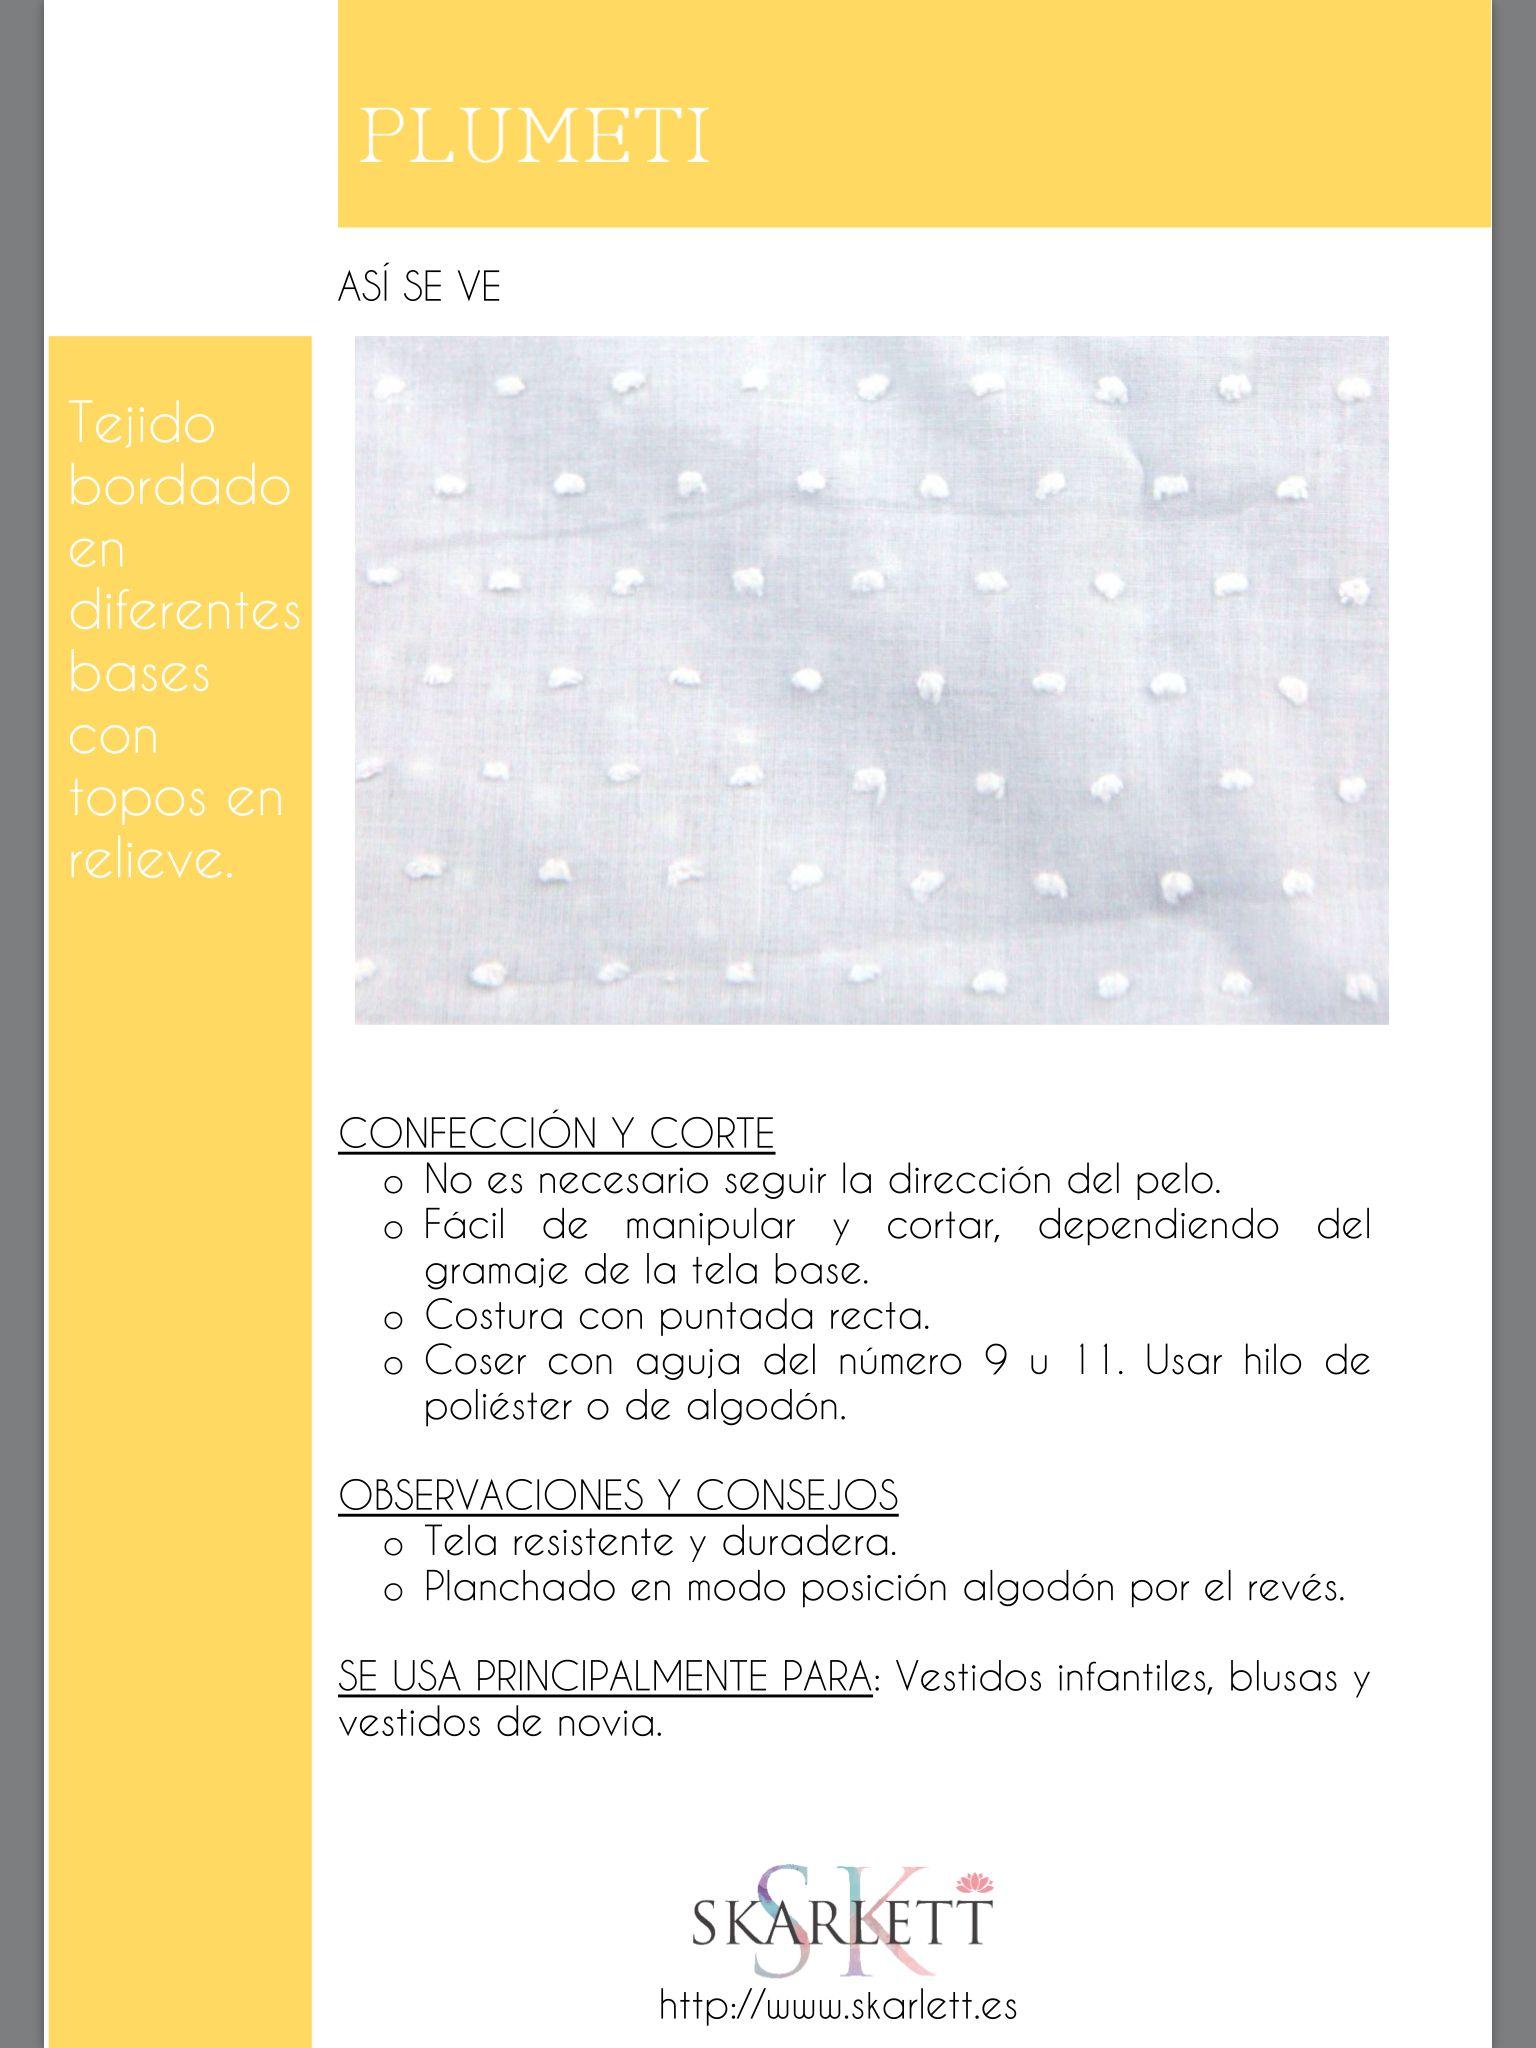 El dossier de las telas Skarlett | Patrones,diseños y Costuras ...